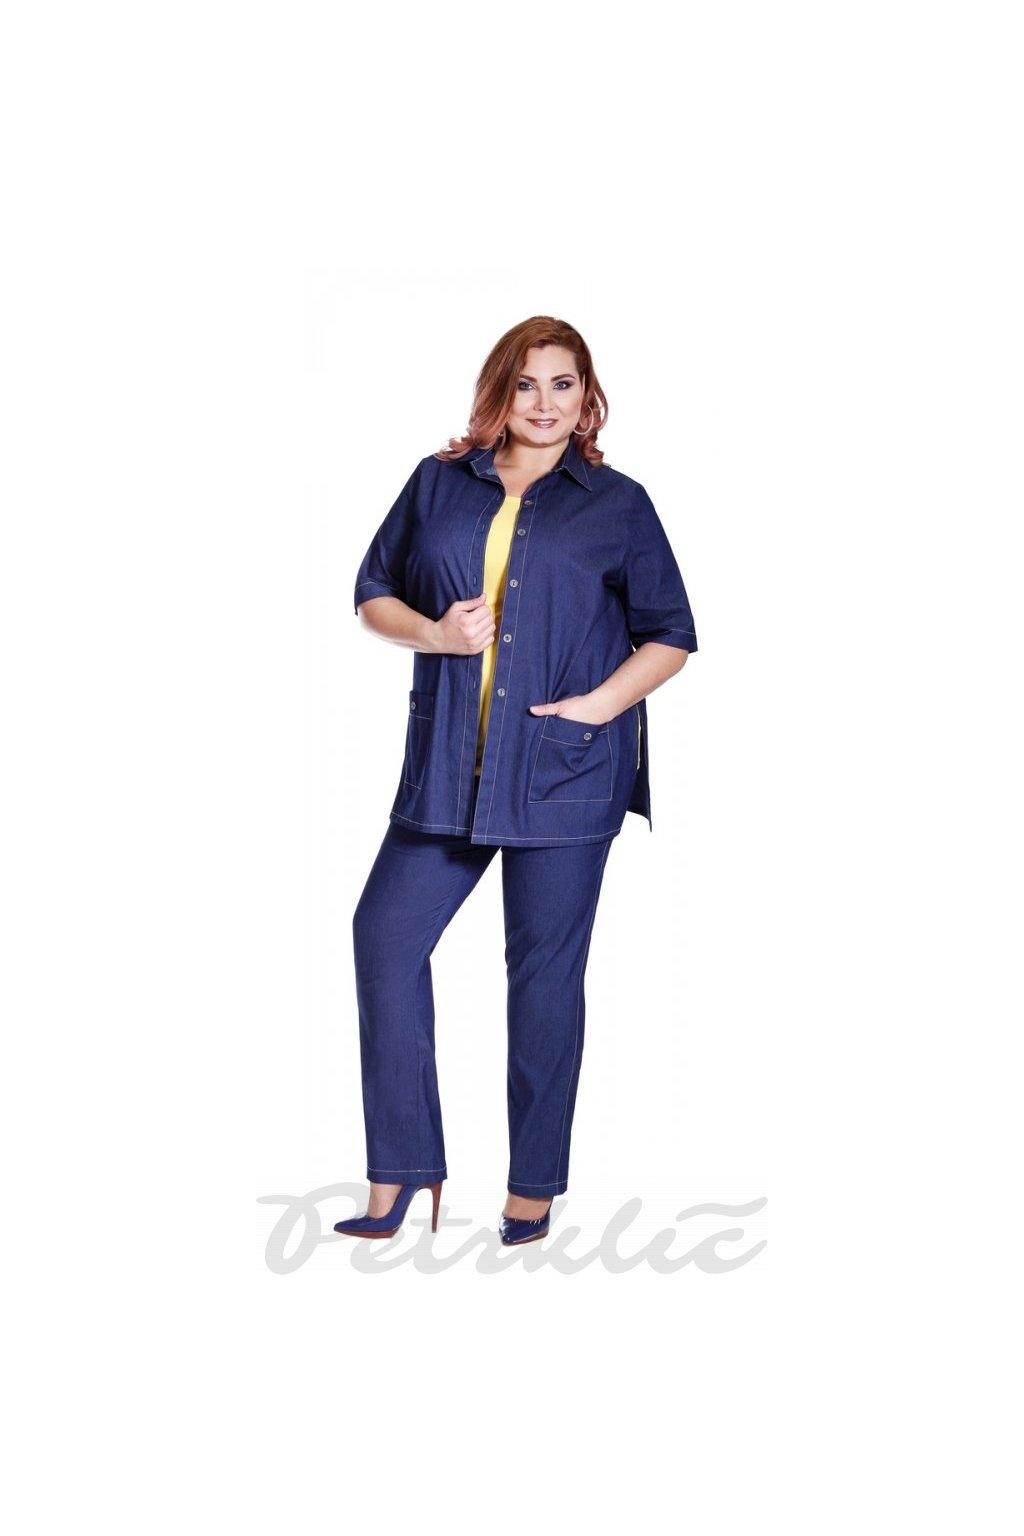 MÁRO - jeansové kalhoty v délce 95 - 100 cm